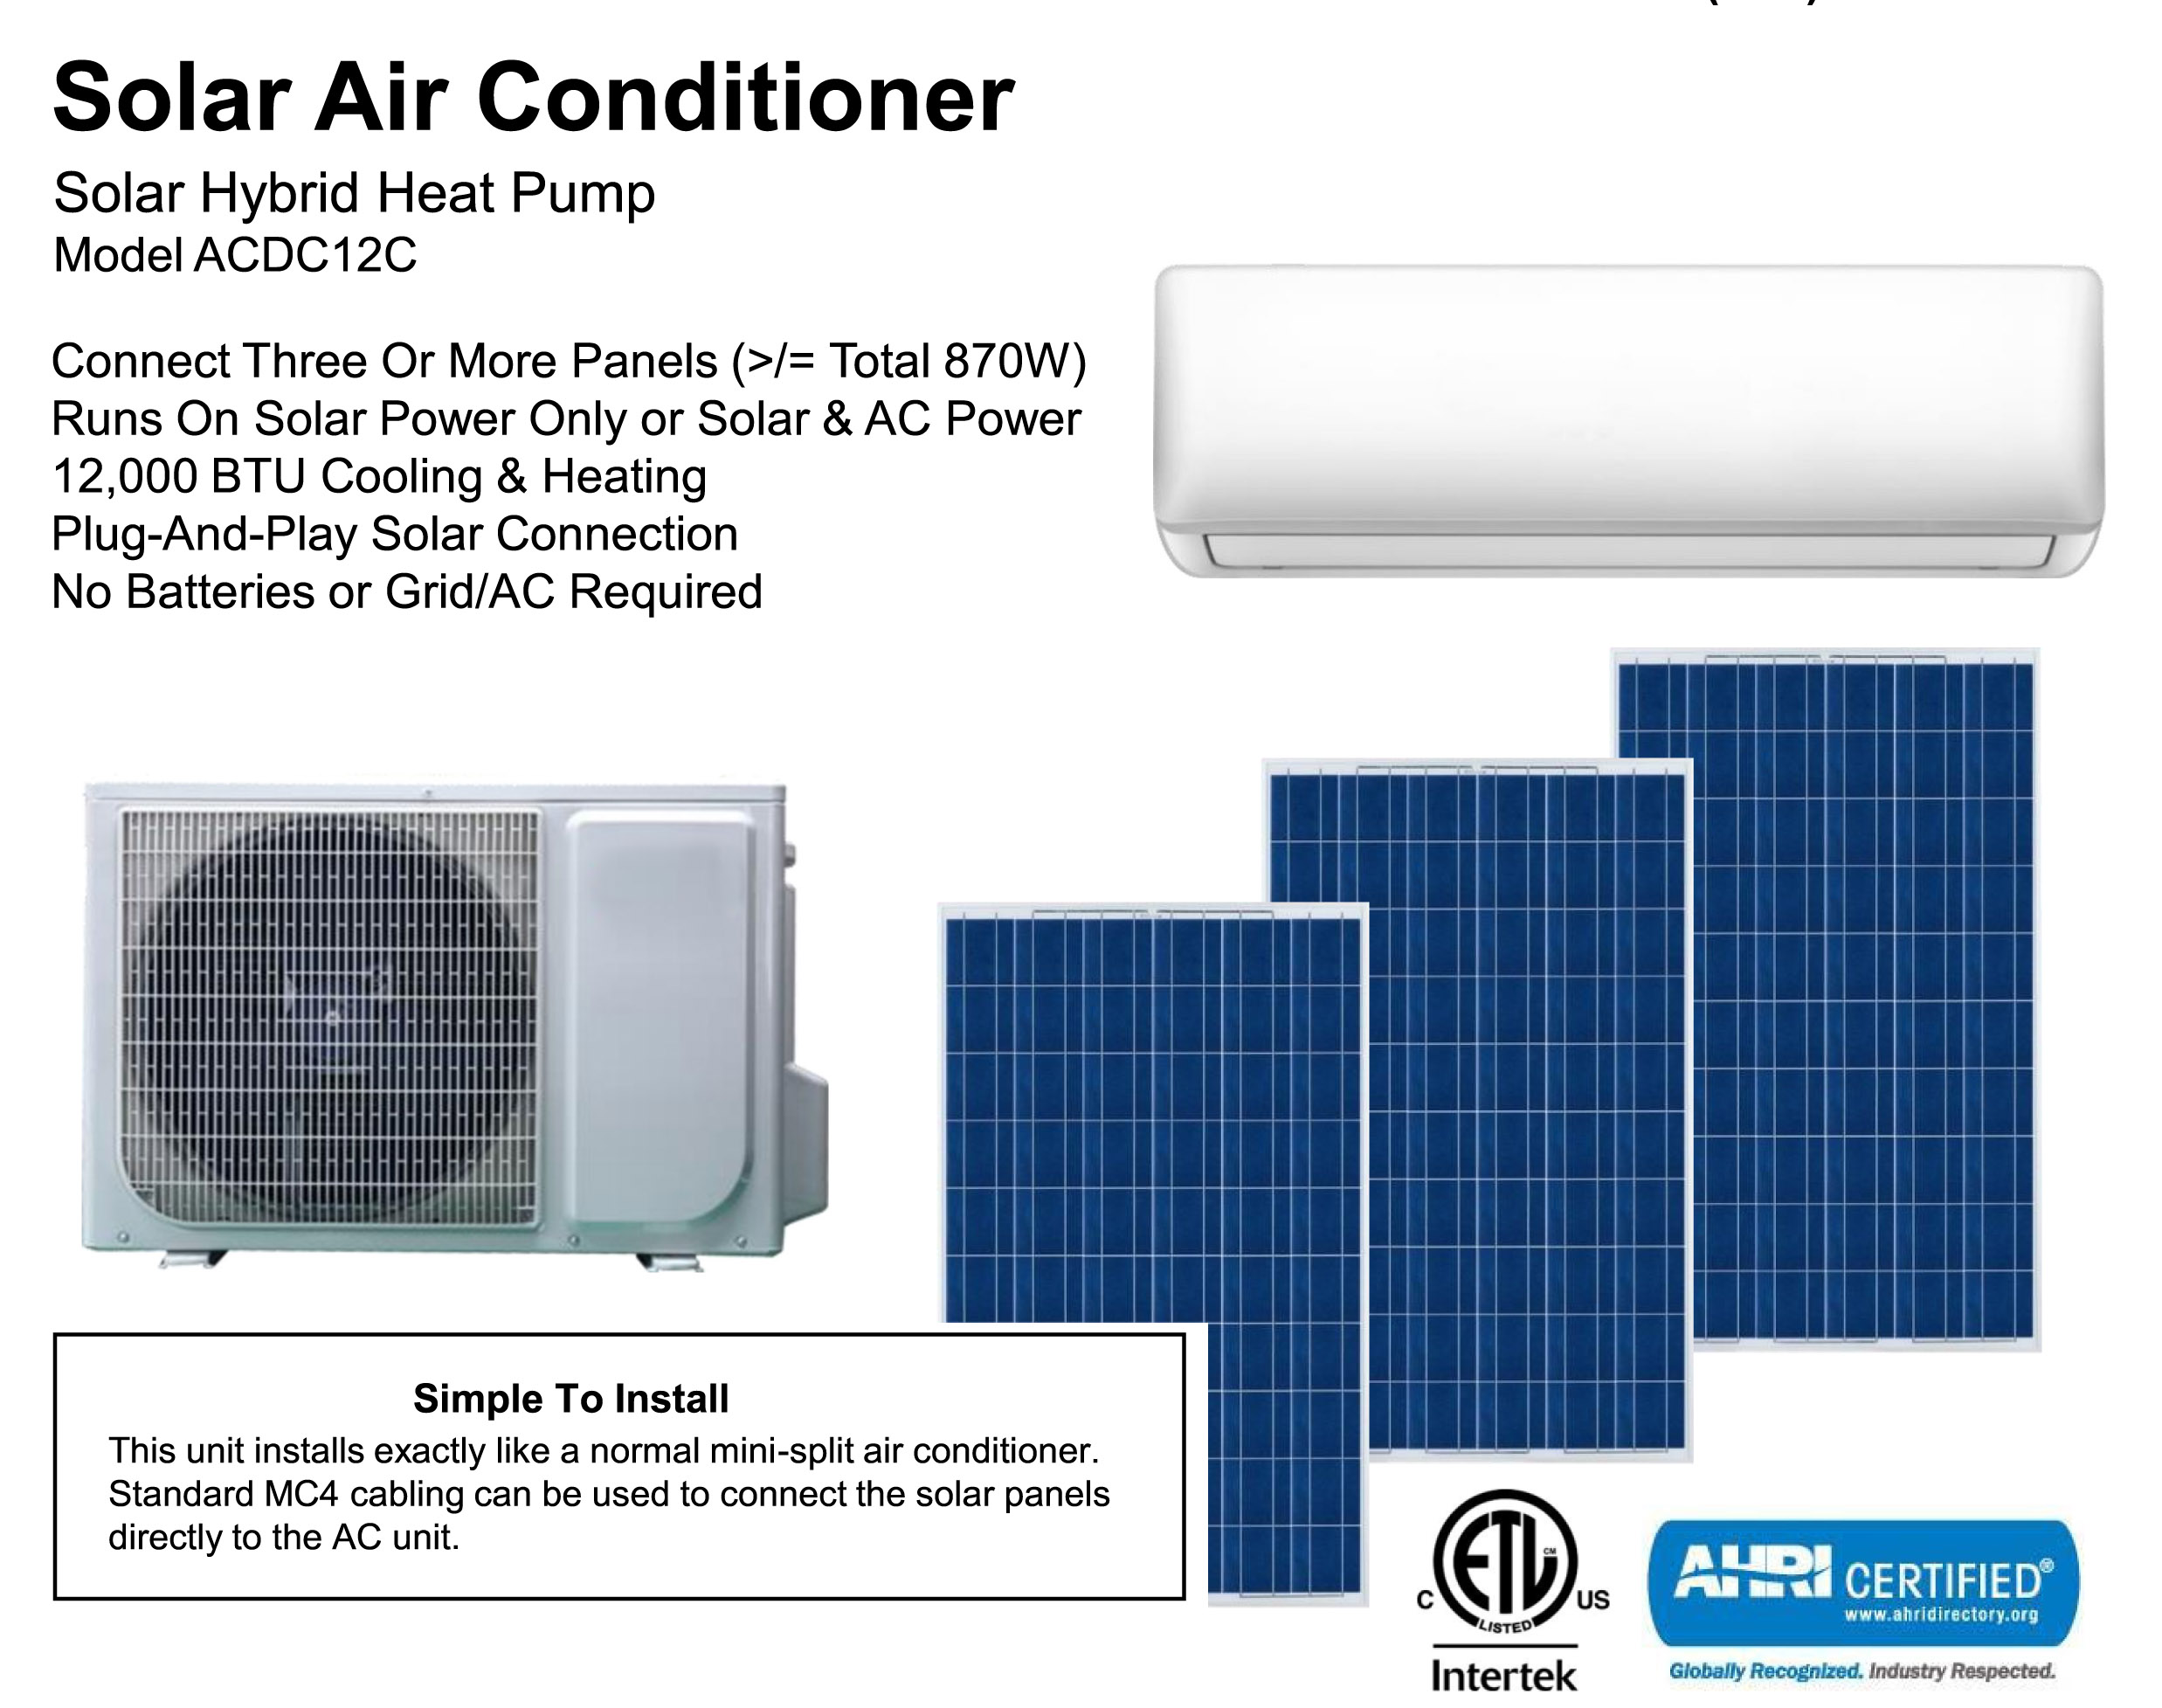 Solar Air Conditioner Pre Order New Model Sol Survivor